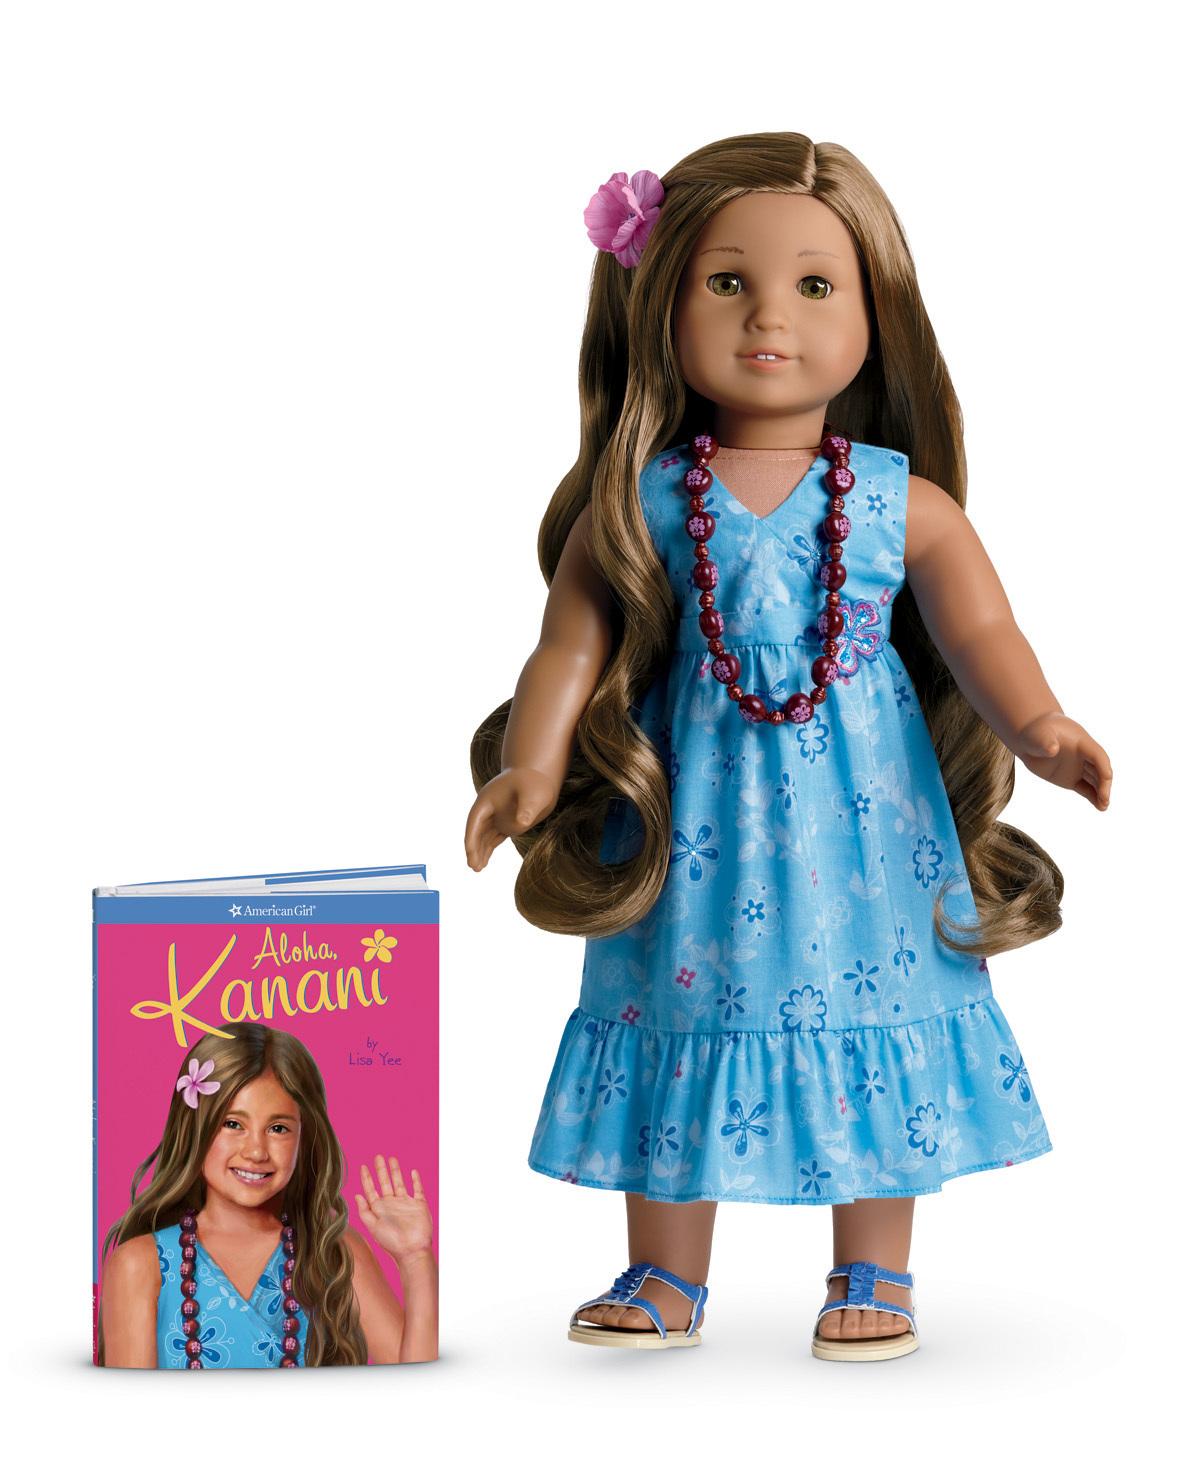 Kanani Doll and Book.jpg